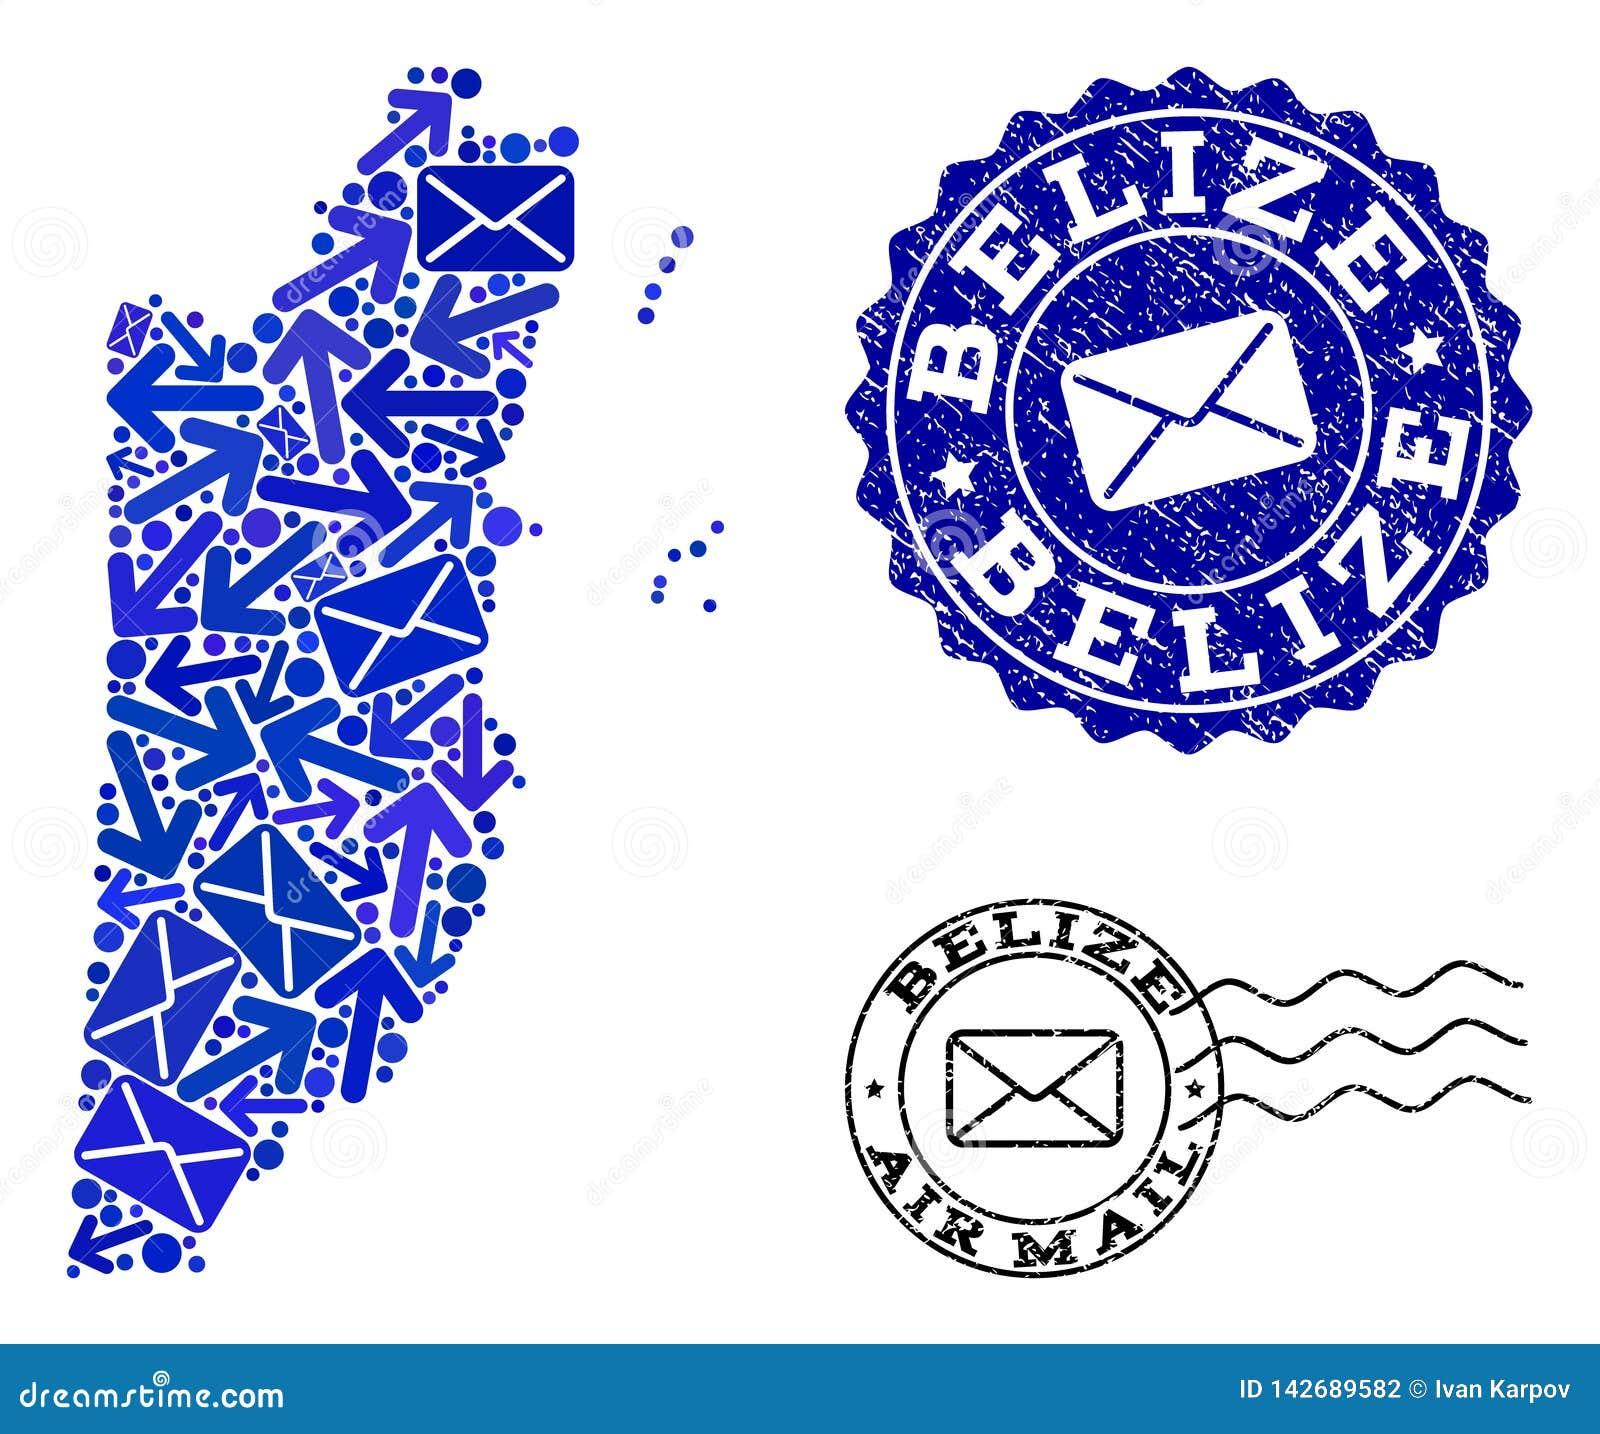 Collage de la entrega del poste del mapa de mosaico de Belice y de sellos texturizados